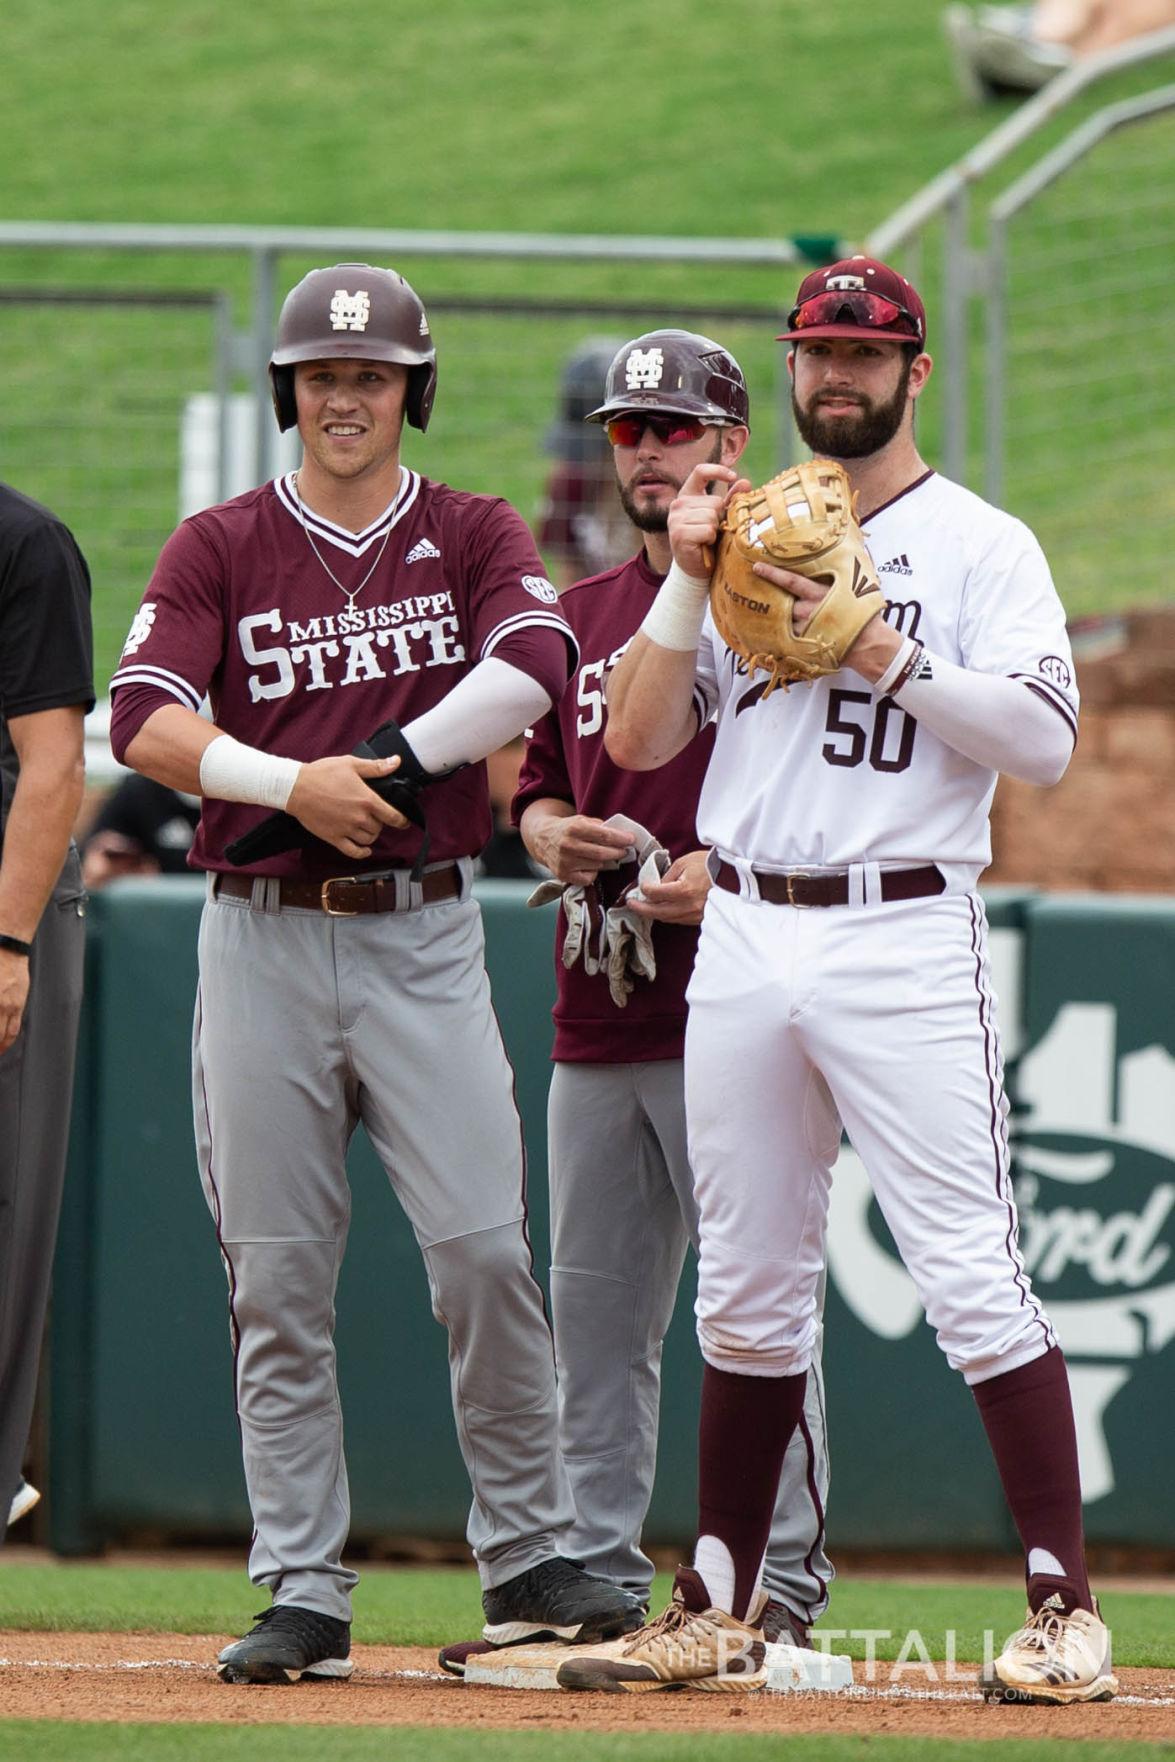 GALLERY: Baseball vs. Mississippi State Game 1